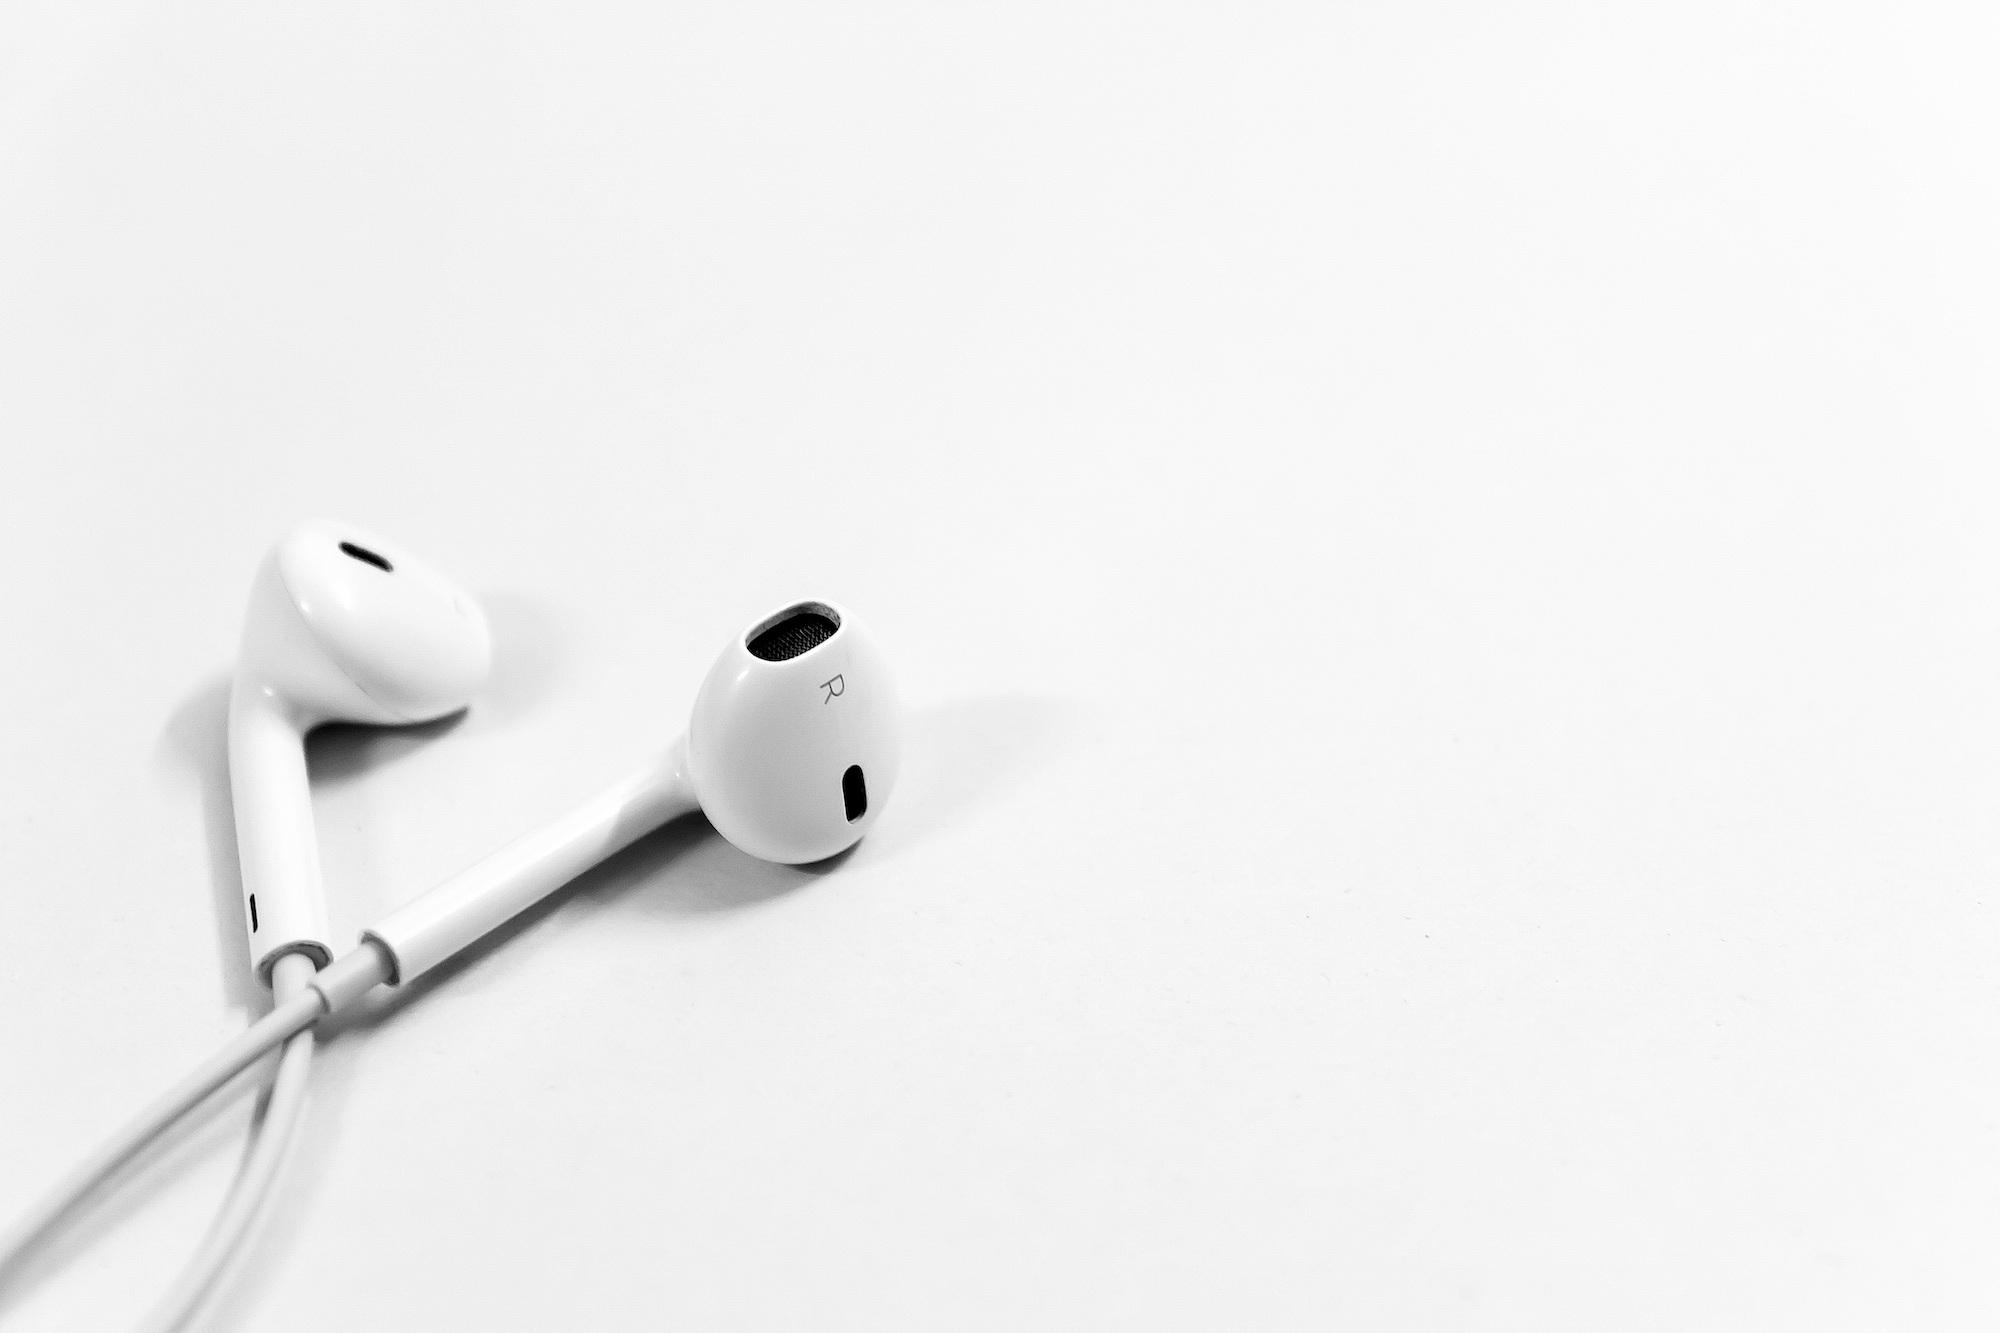 iOS-kod antyder lossless musik för Apple Music Som Spotify HiFi fast för Apple Music då